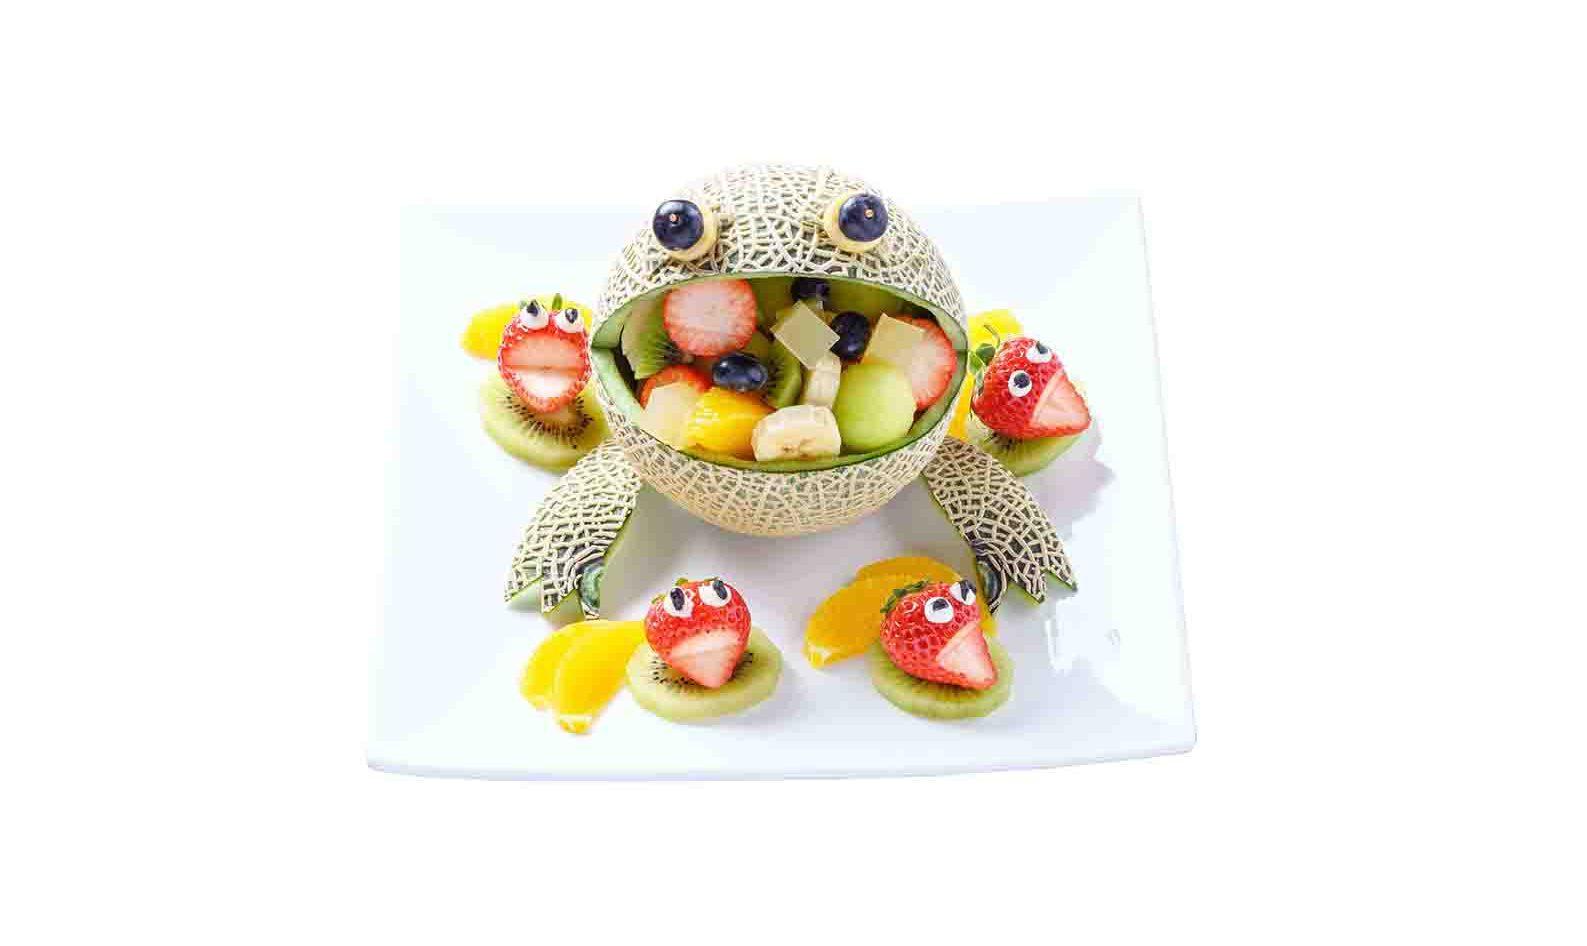 カエルのフルーツ盛り合わせ